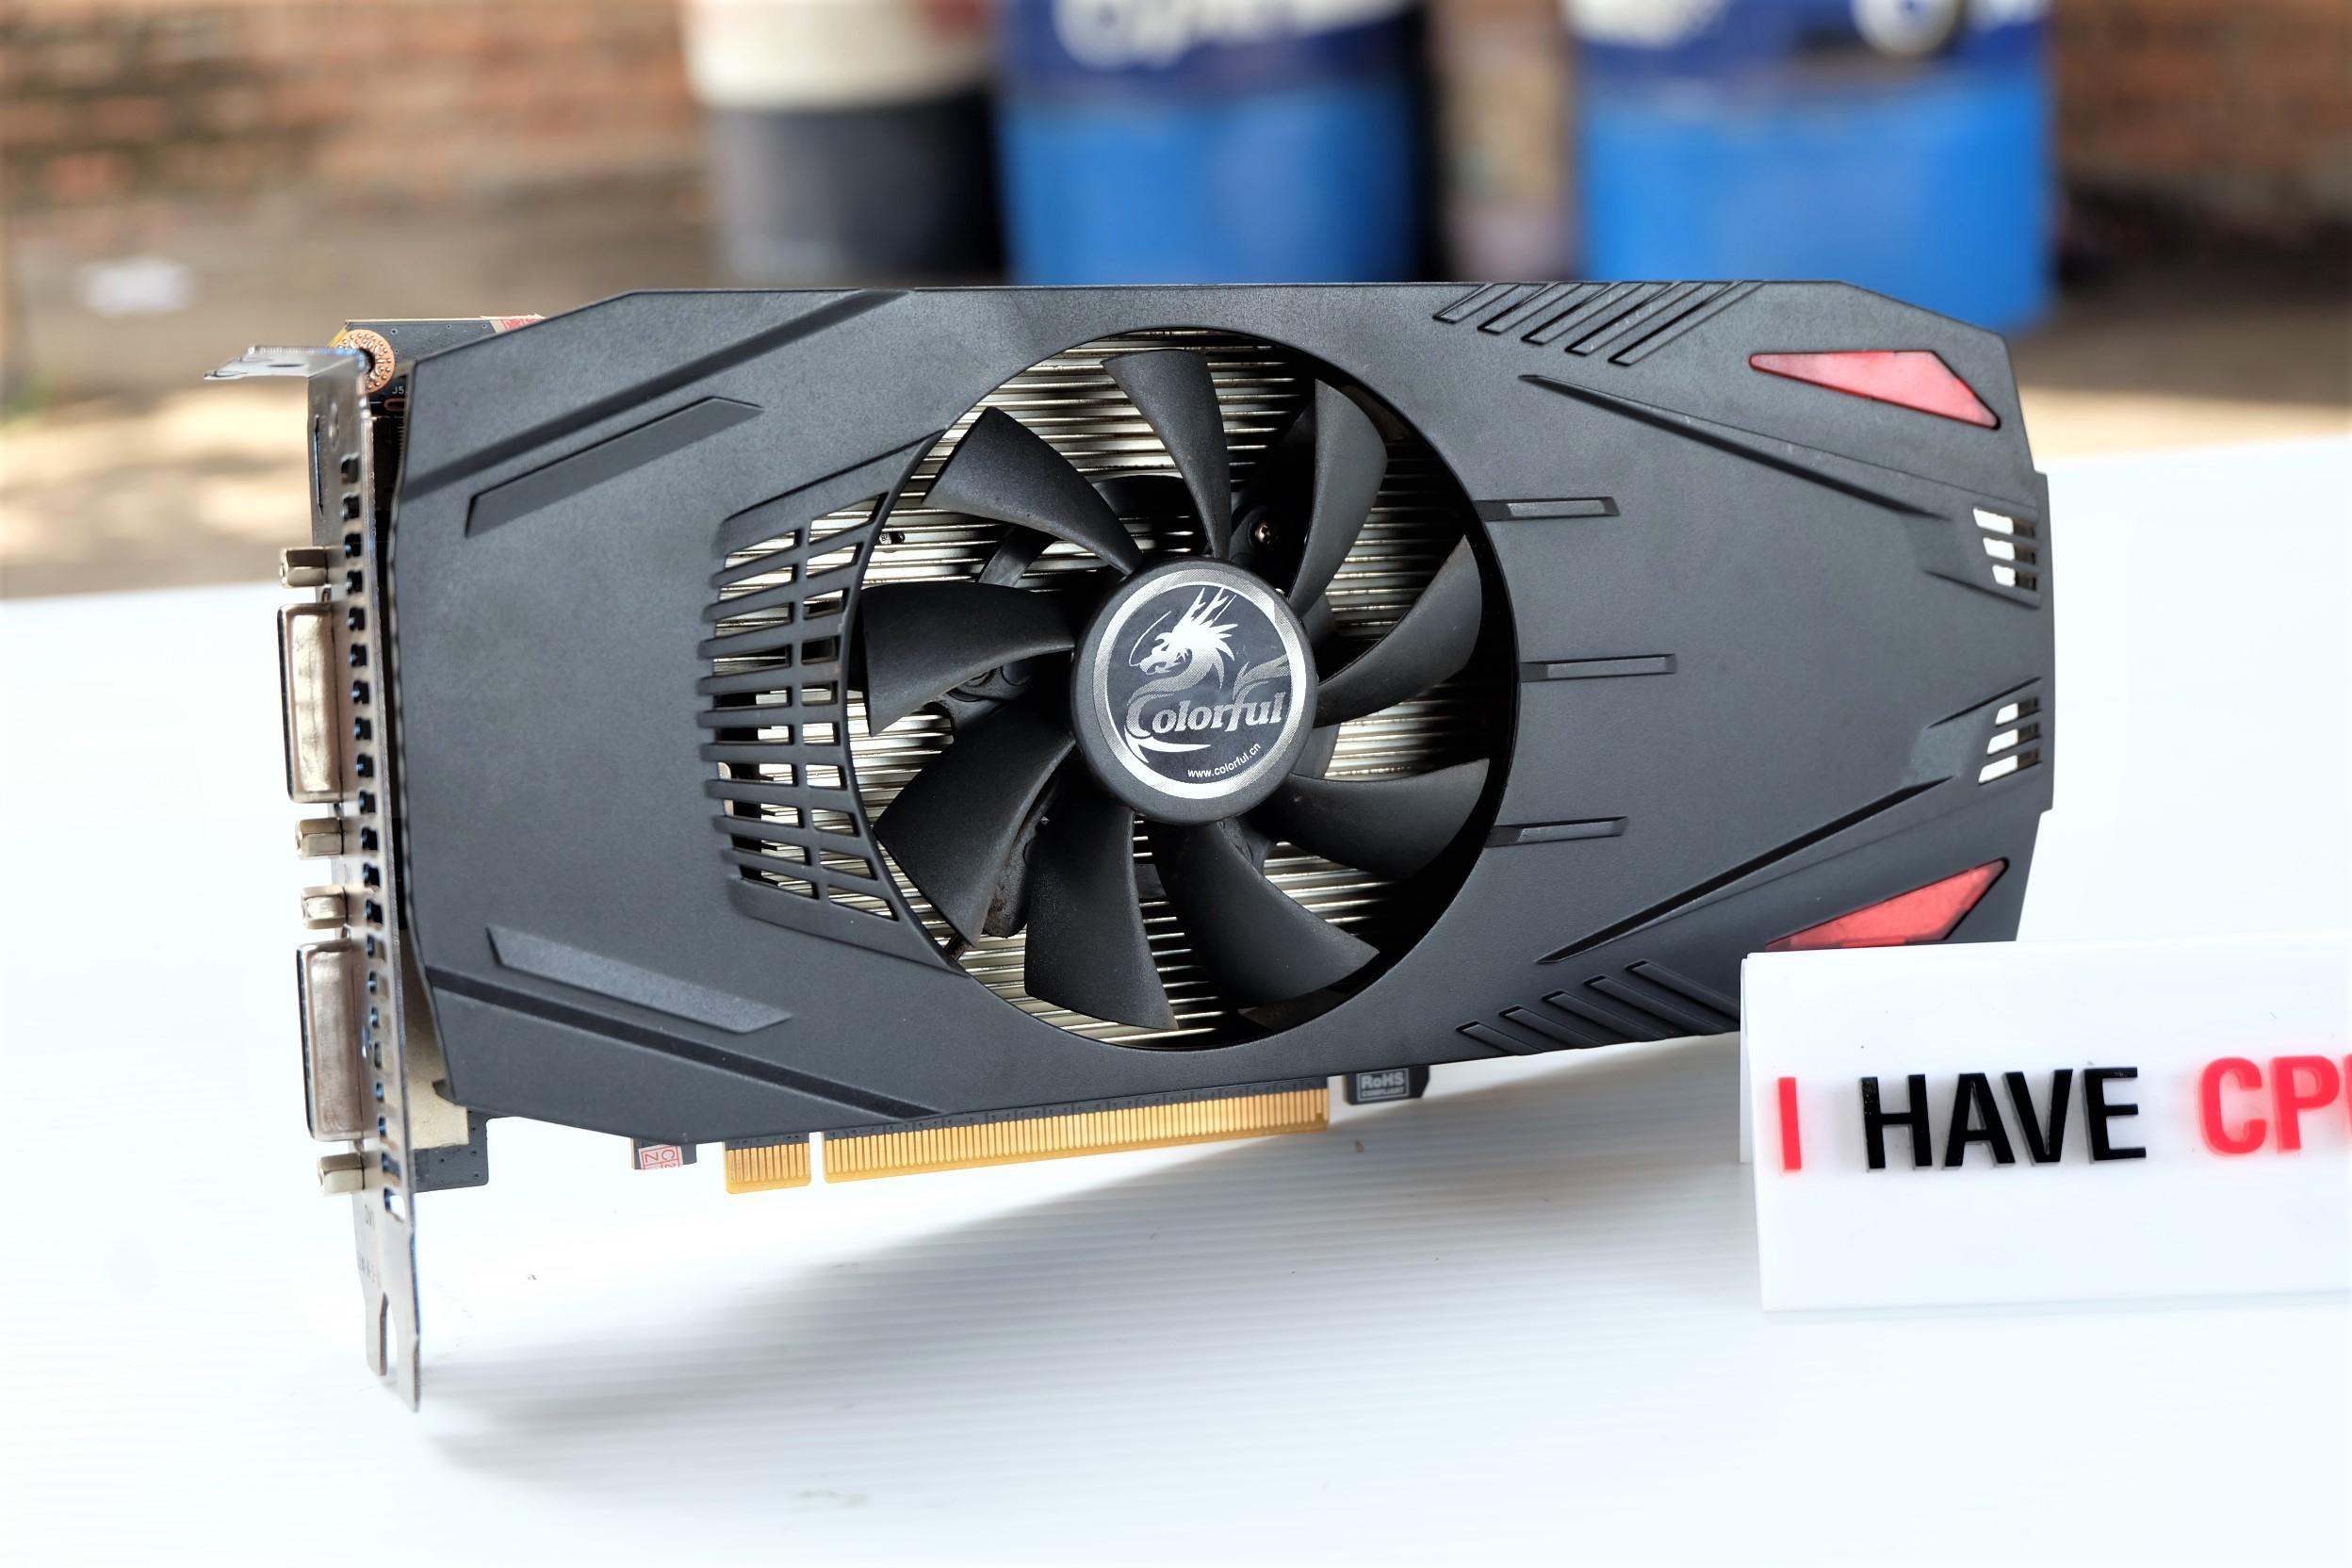 COLORFUL GeForce GTX 650 Ti 1GB